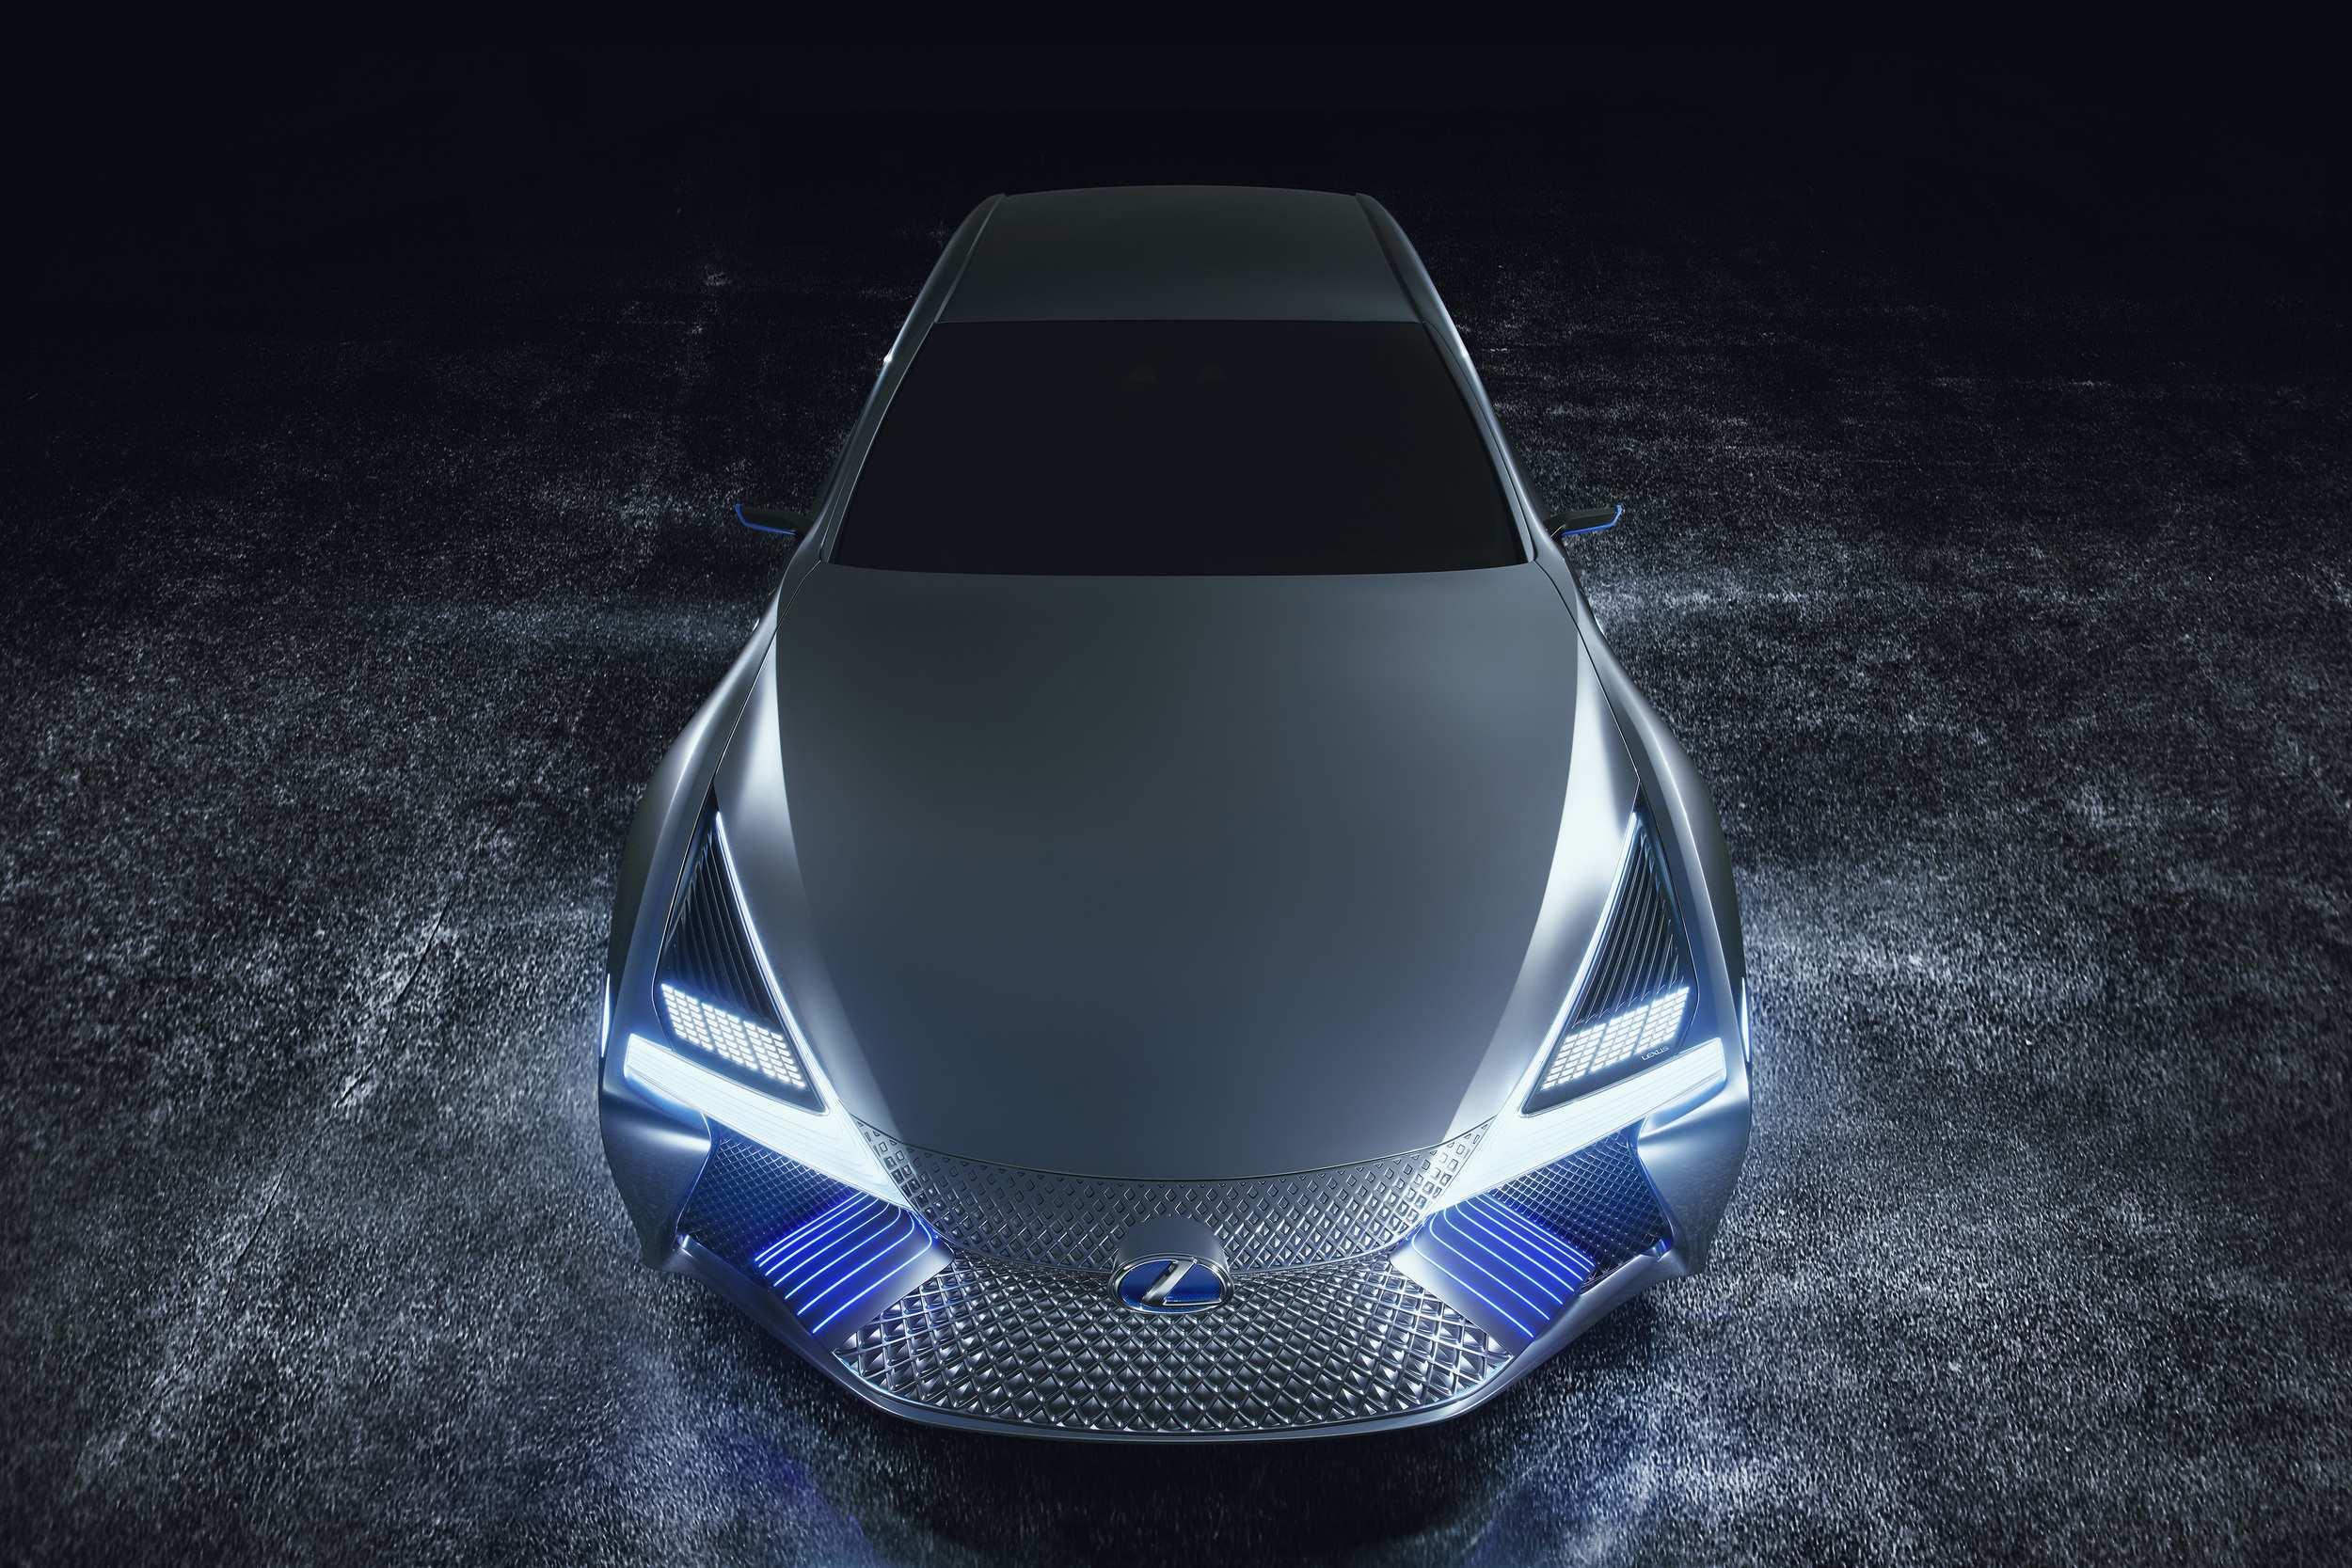 75 Gallery of Lexus Ls 2020 Spy Shoot with Lexus Ls 2020